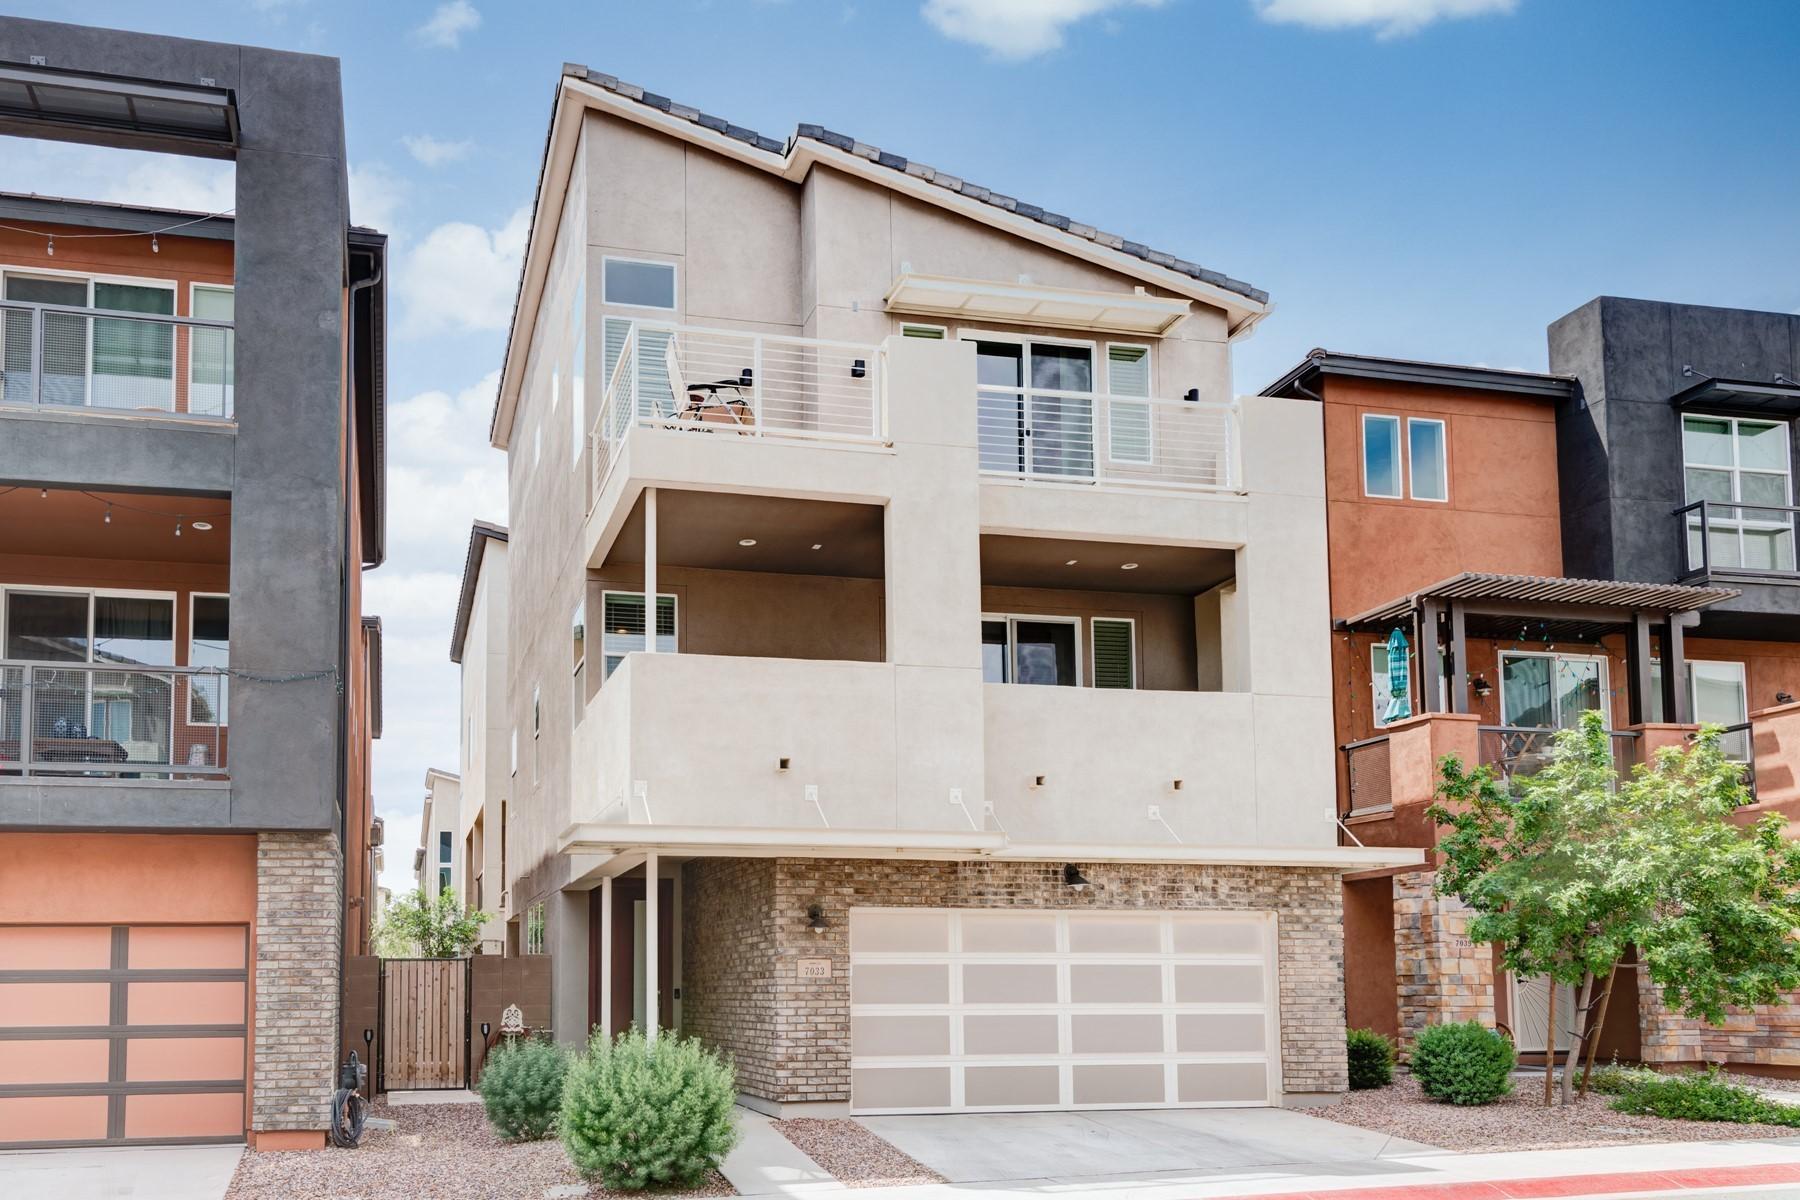 Single Family Homes για την Πώληση στο Rhythm 7033 W CORONA DR, Chandler, Αριζονα 85226 Ηνωμένες Πολιτείες